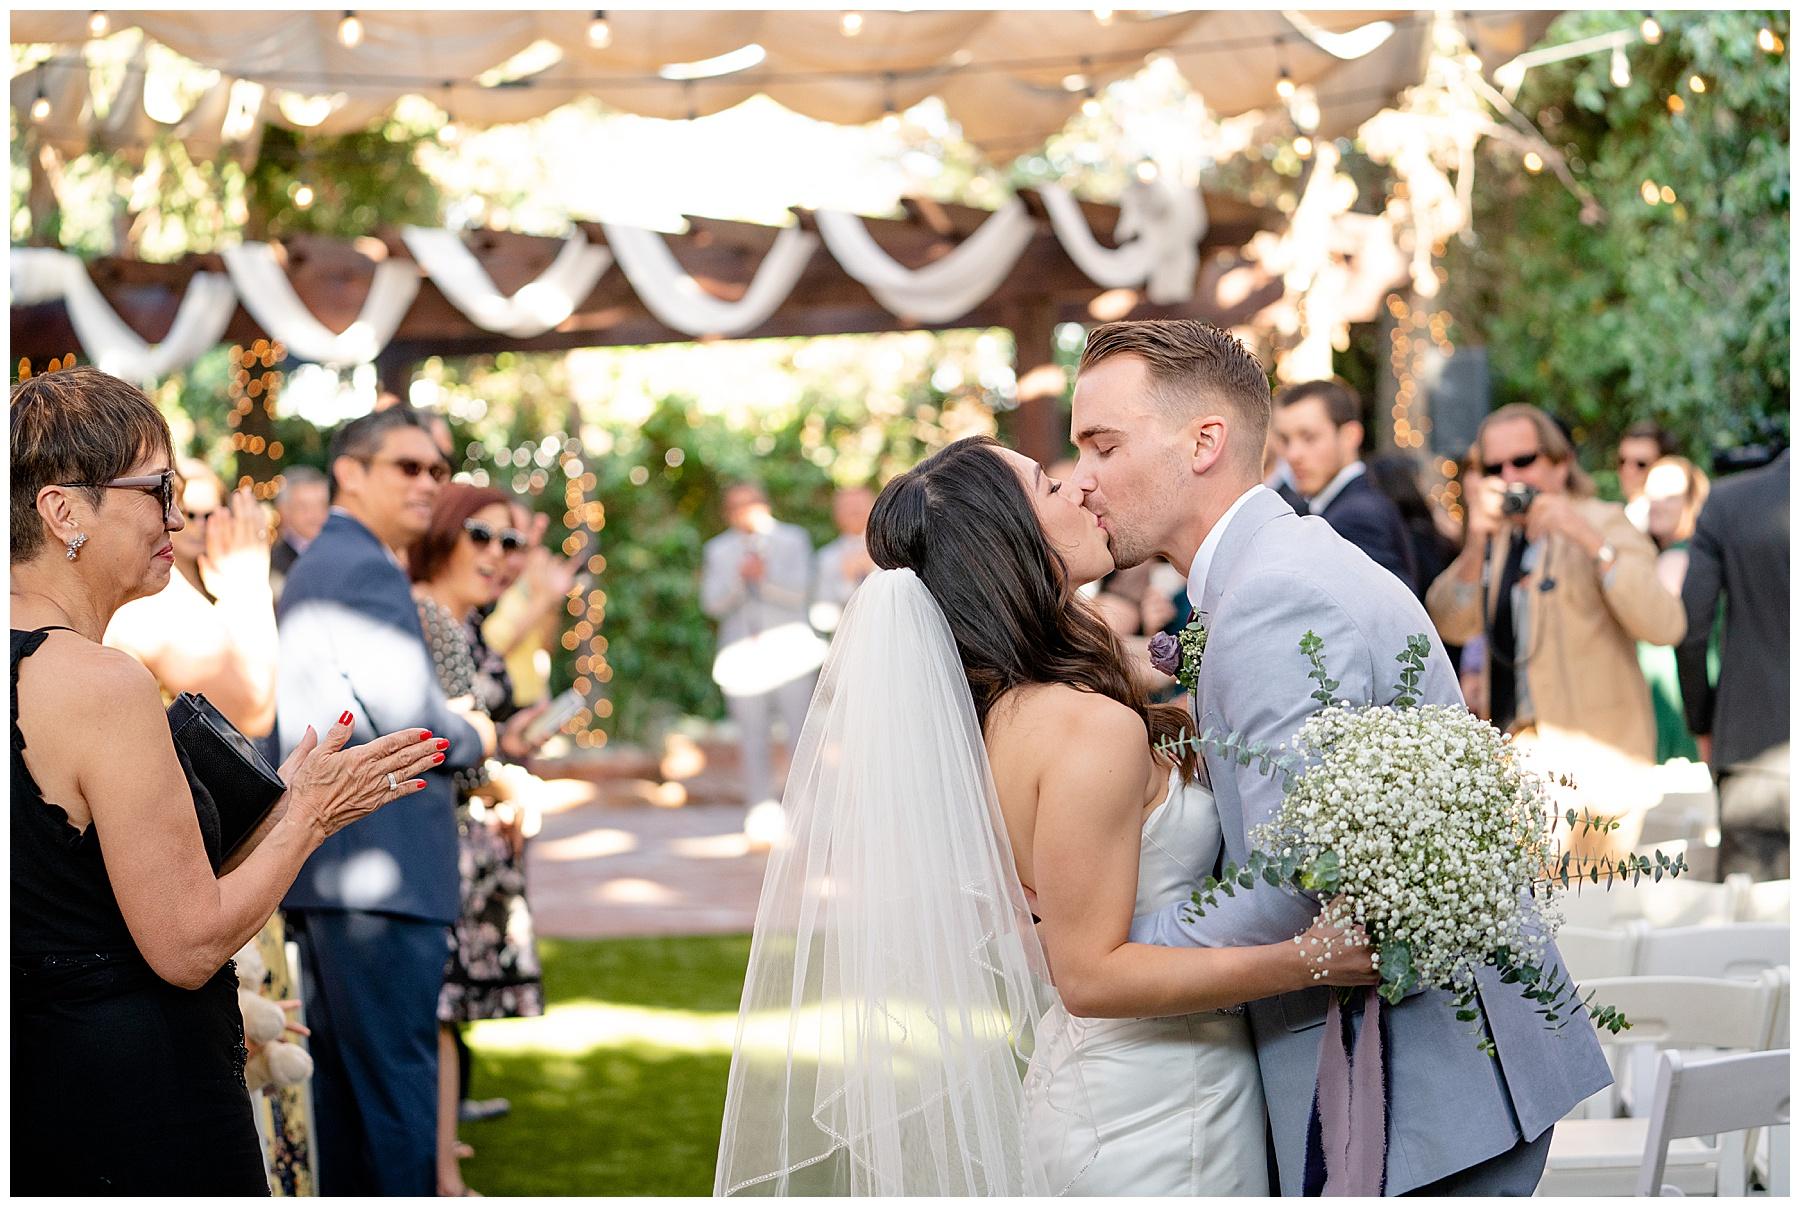 bride and groom kiss calamigos equestrian center wedding